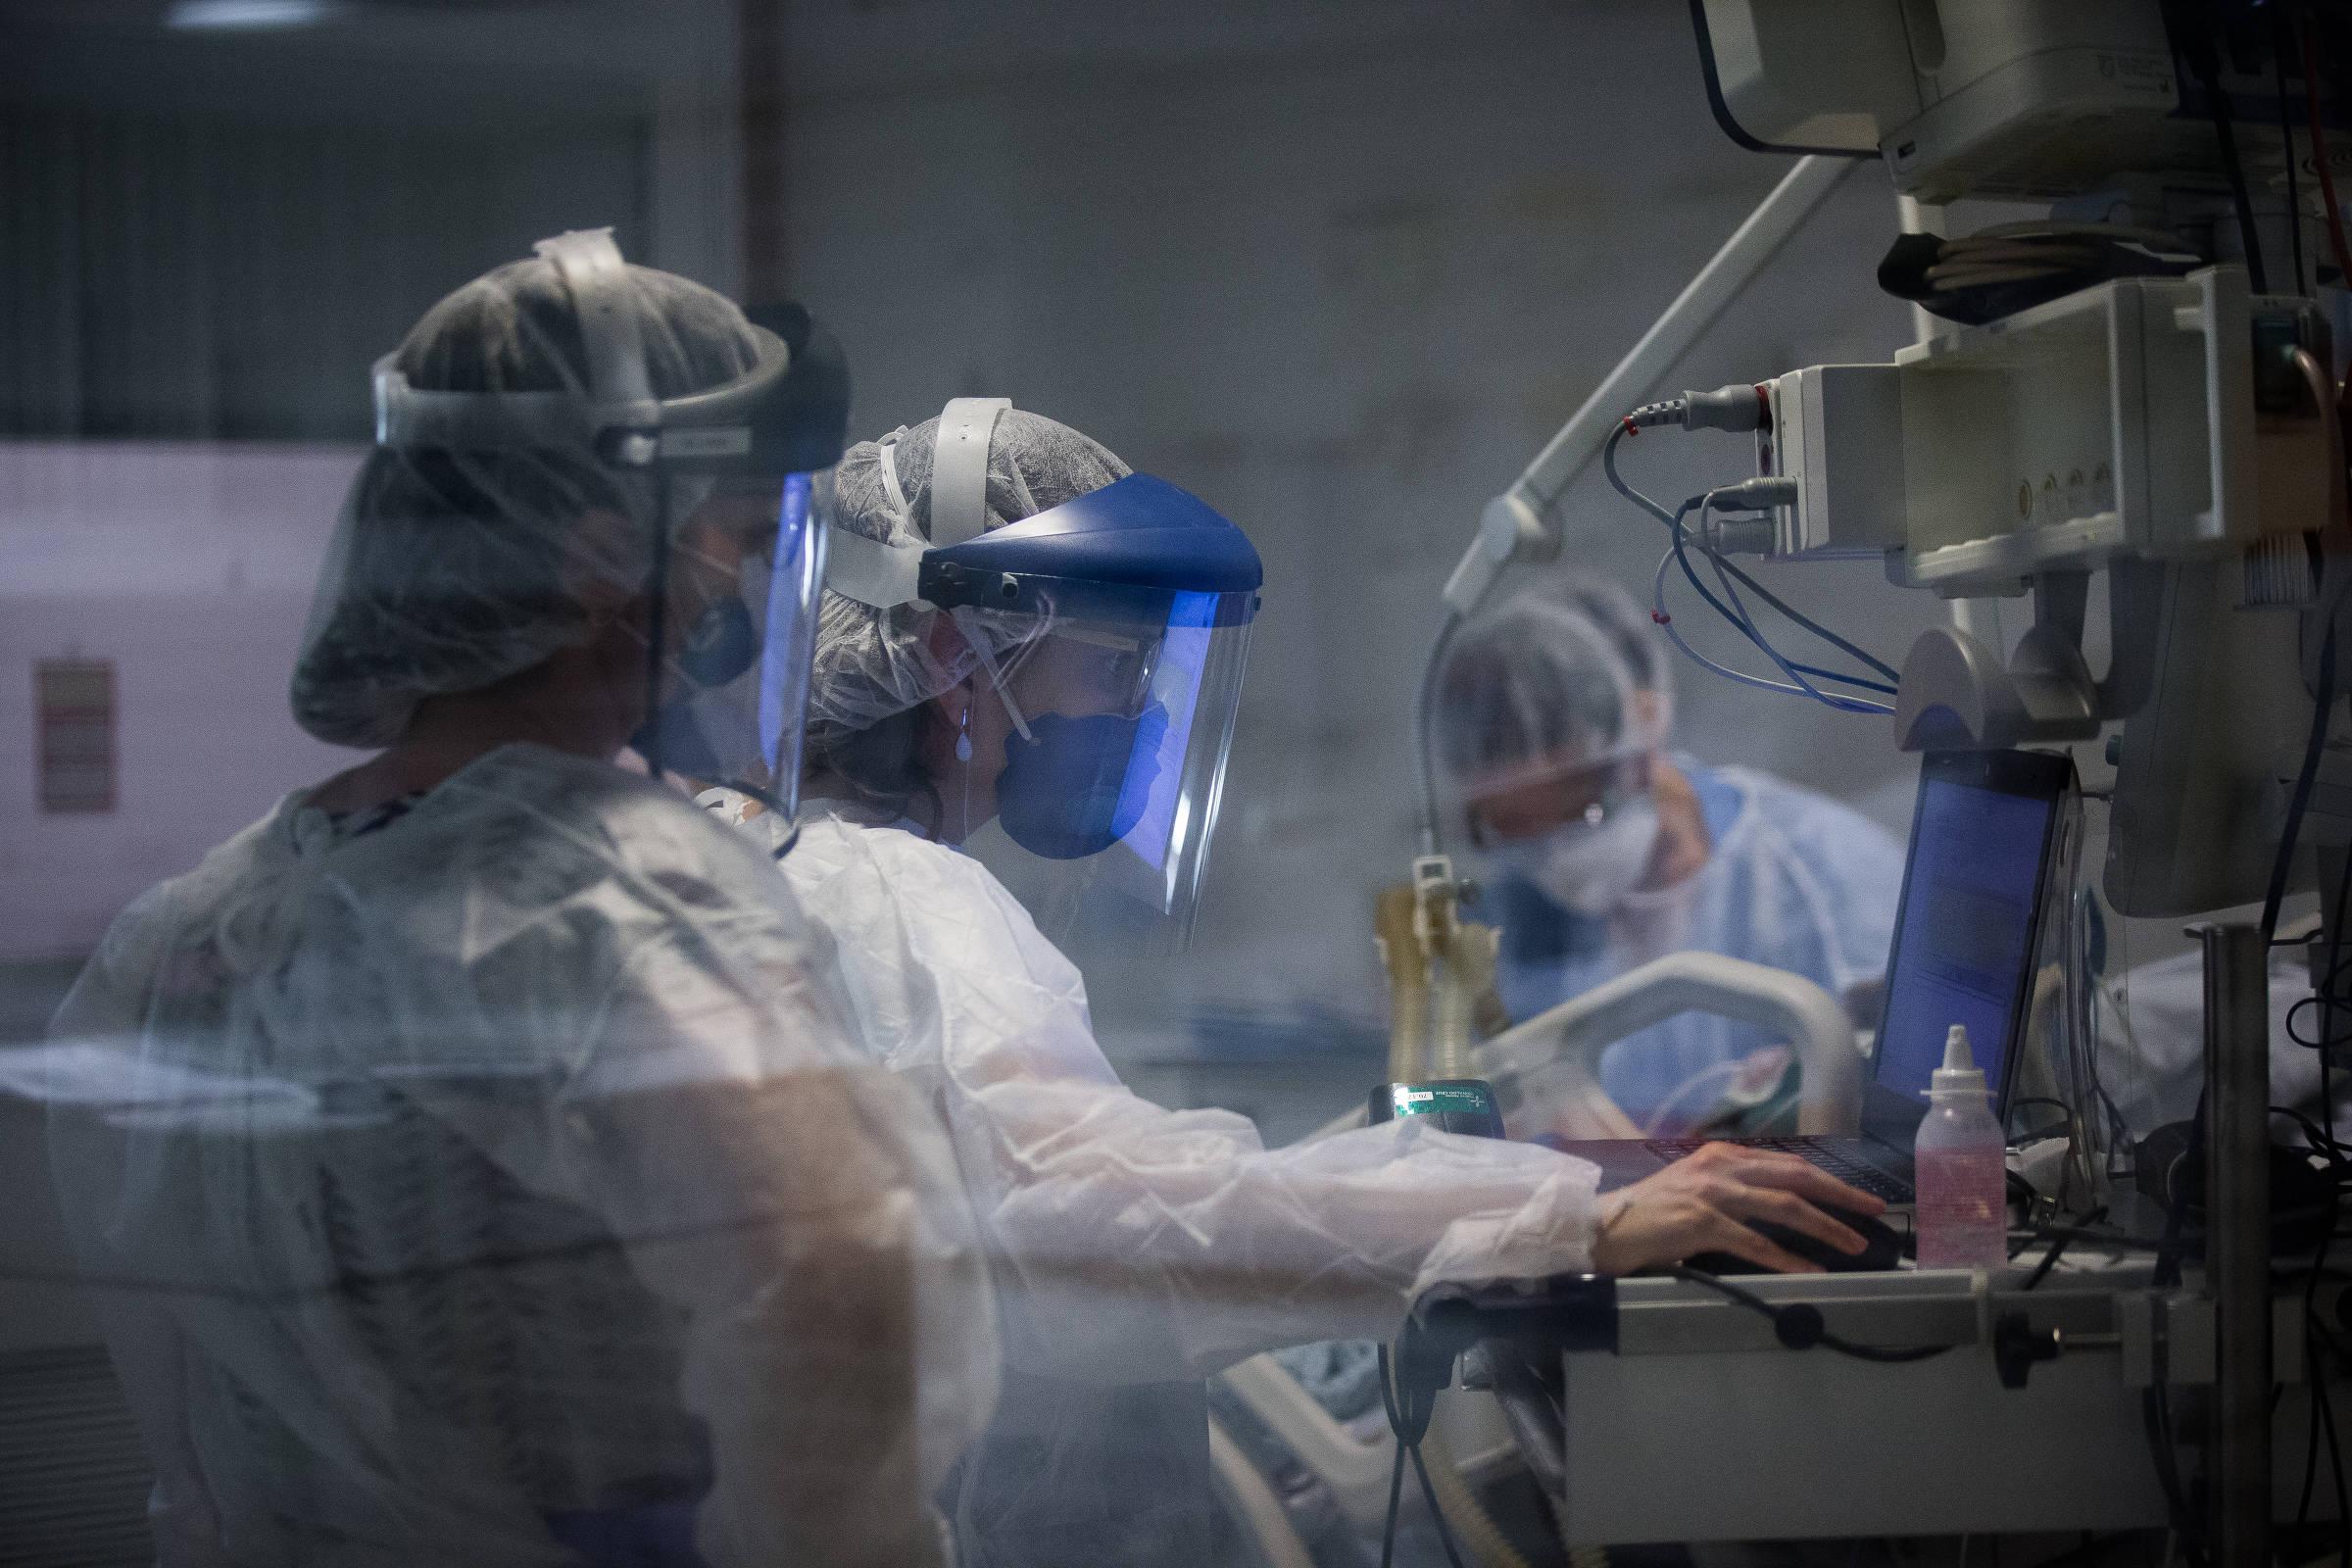 Com pacientes afastados da UTI rural, epidemia deve matar mais - 07/06/2020 - Equilíbrio e saúde